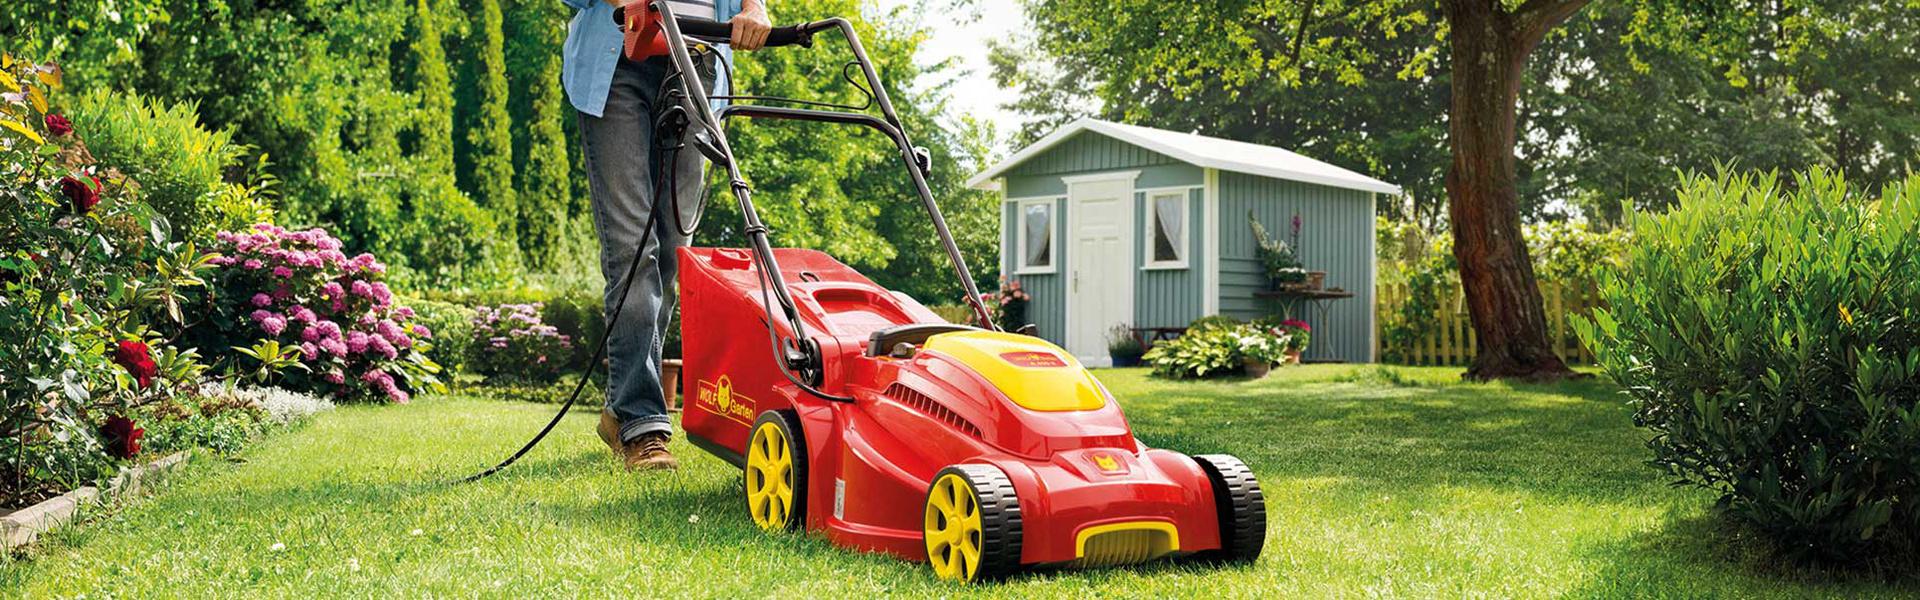 Elektromaaier Wolf-Garten. Tuingereedschap, grasmaaiers, robotmaaiers, accumaaiers. Alle sover tuingereedschap #tuin #tuingereedschap #grasmaaiers